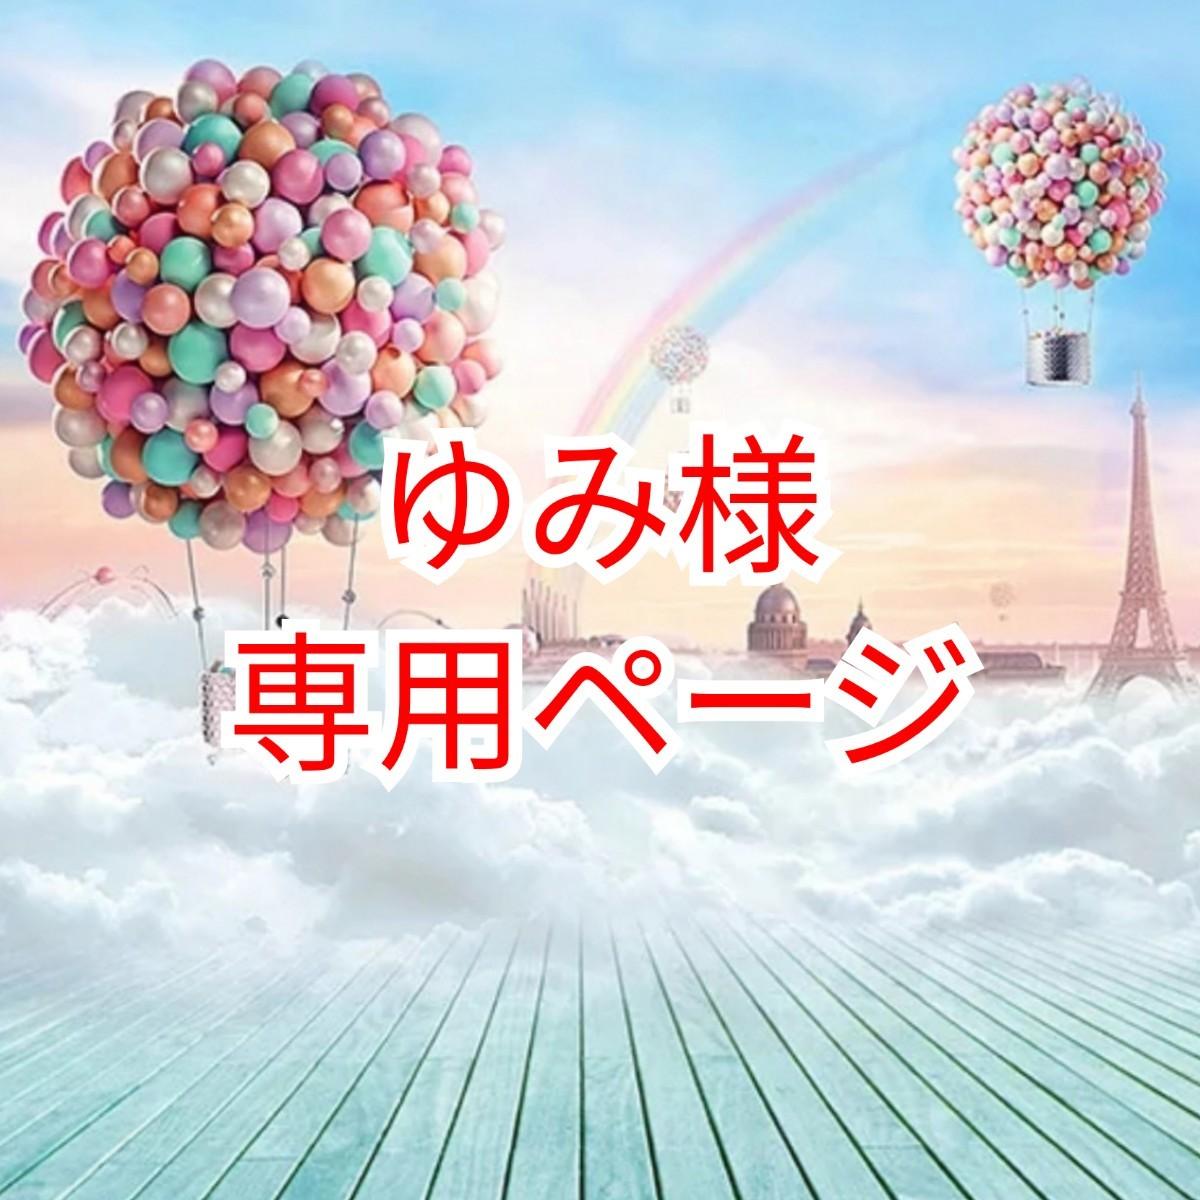 ゆみ様 専用ページ